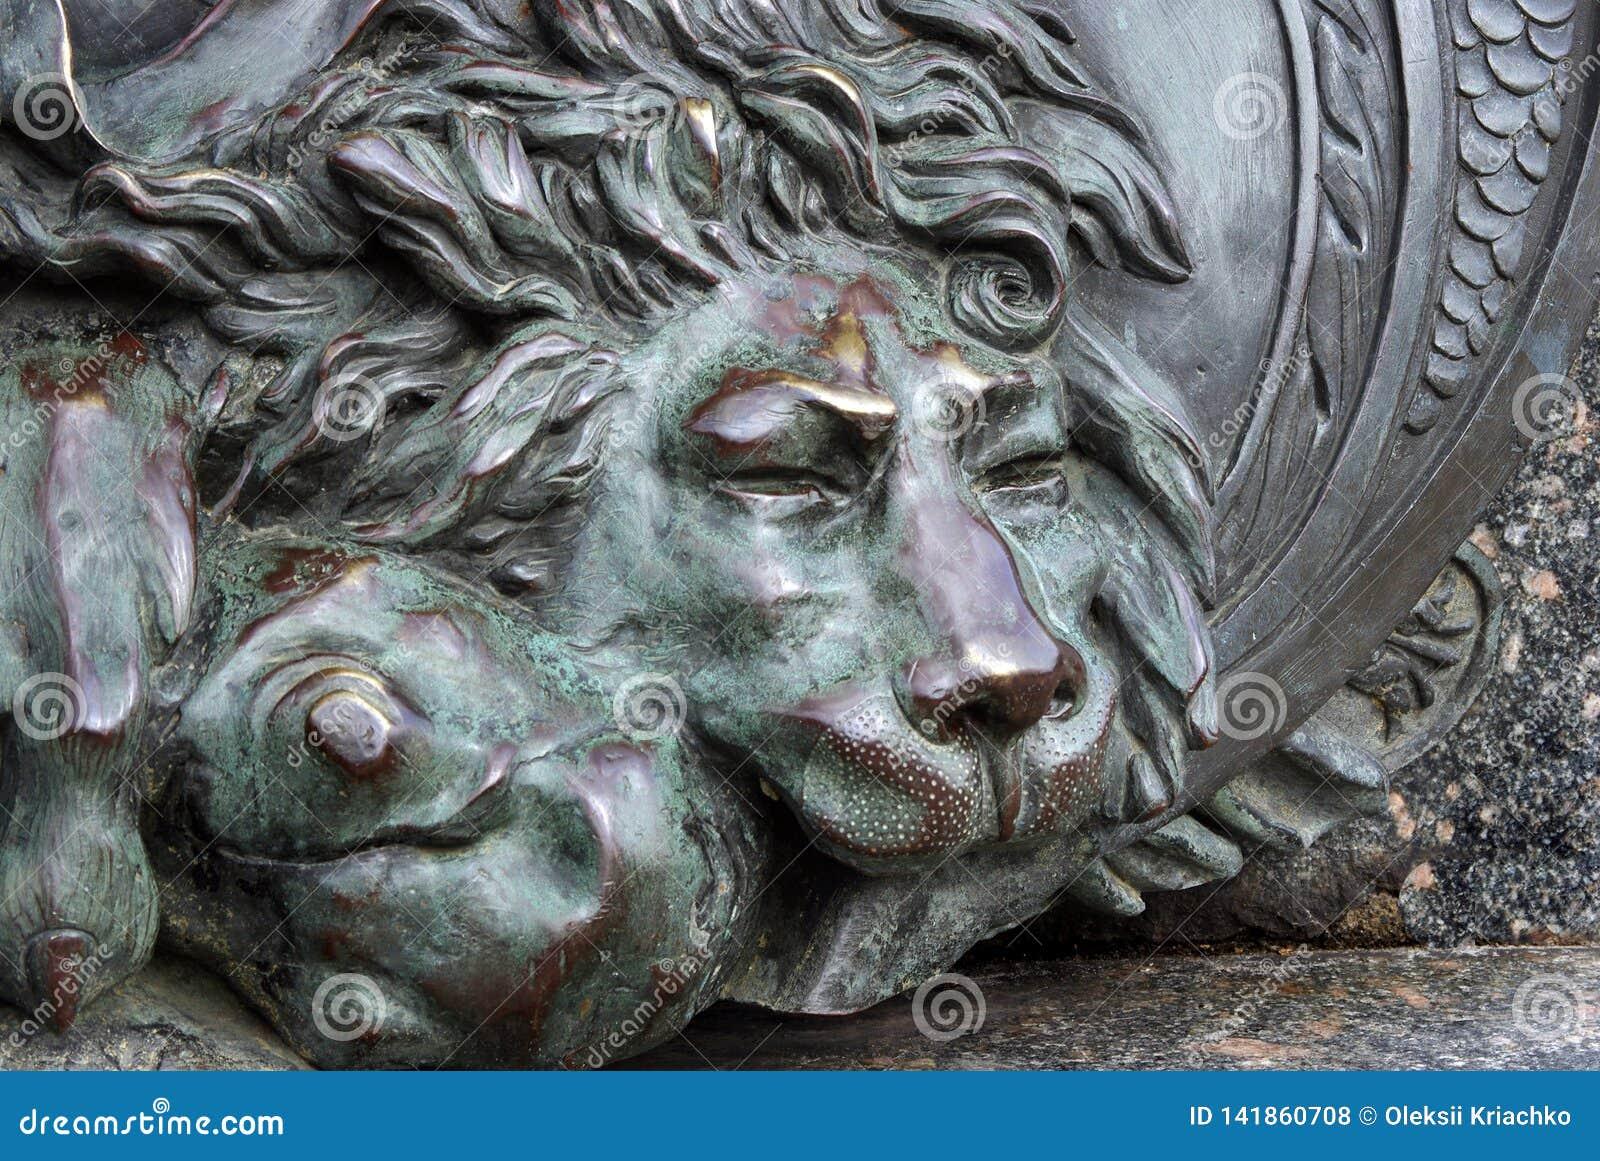 Голова бронзового льва бронзовая скульптура льва спать на памятнике славы в Полтаве, Украине